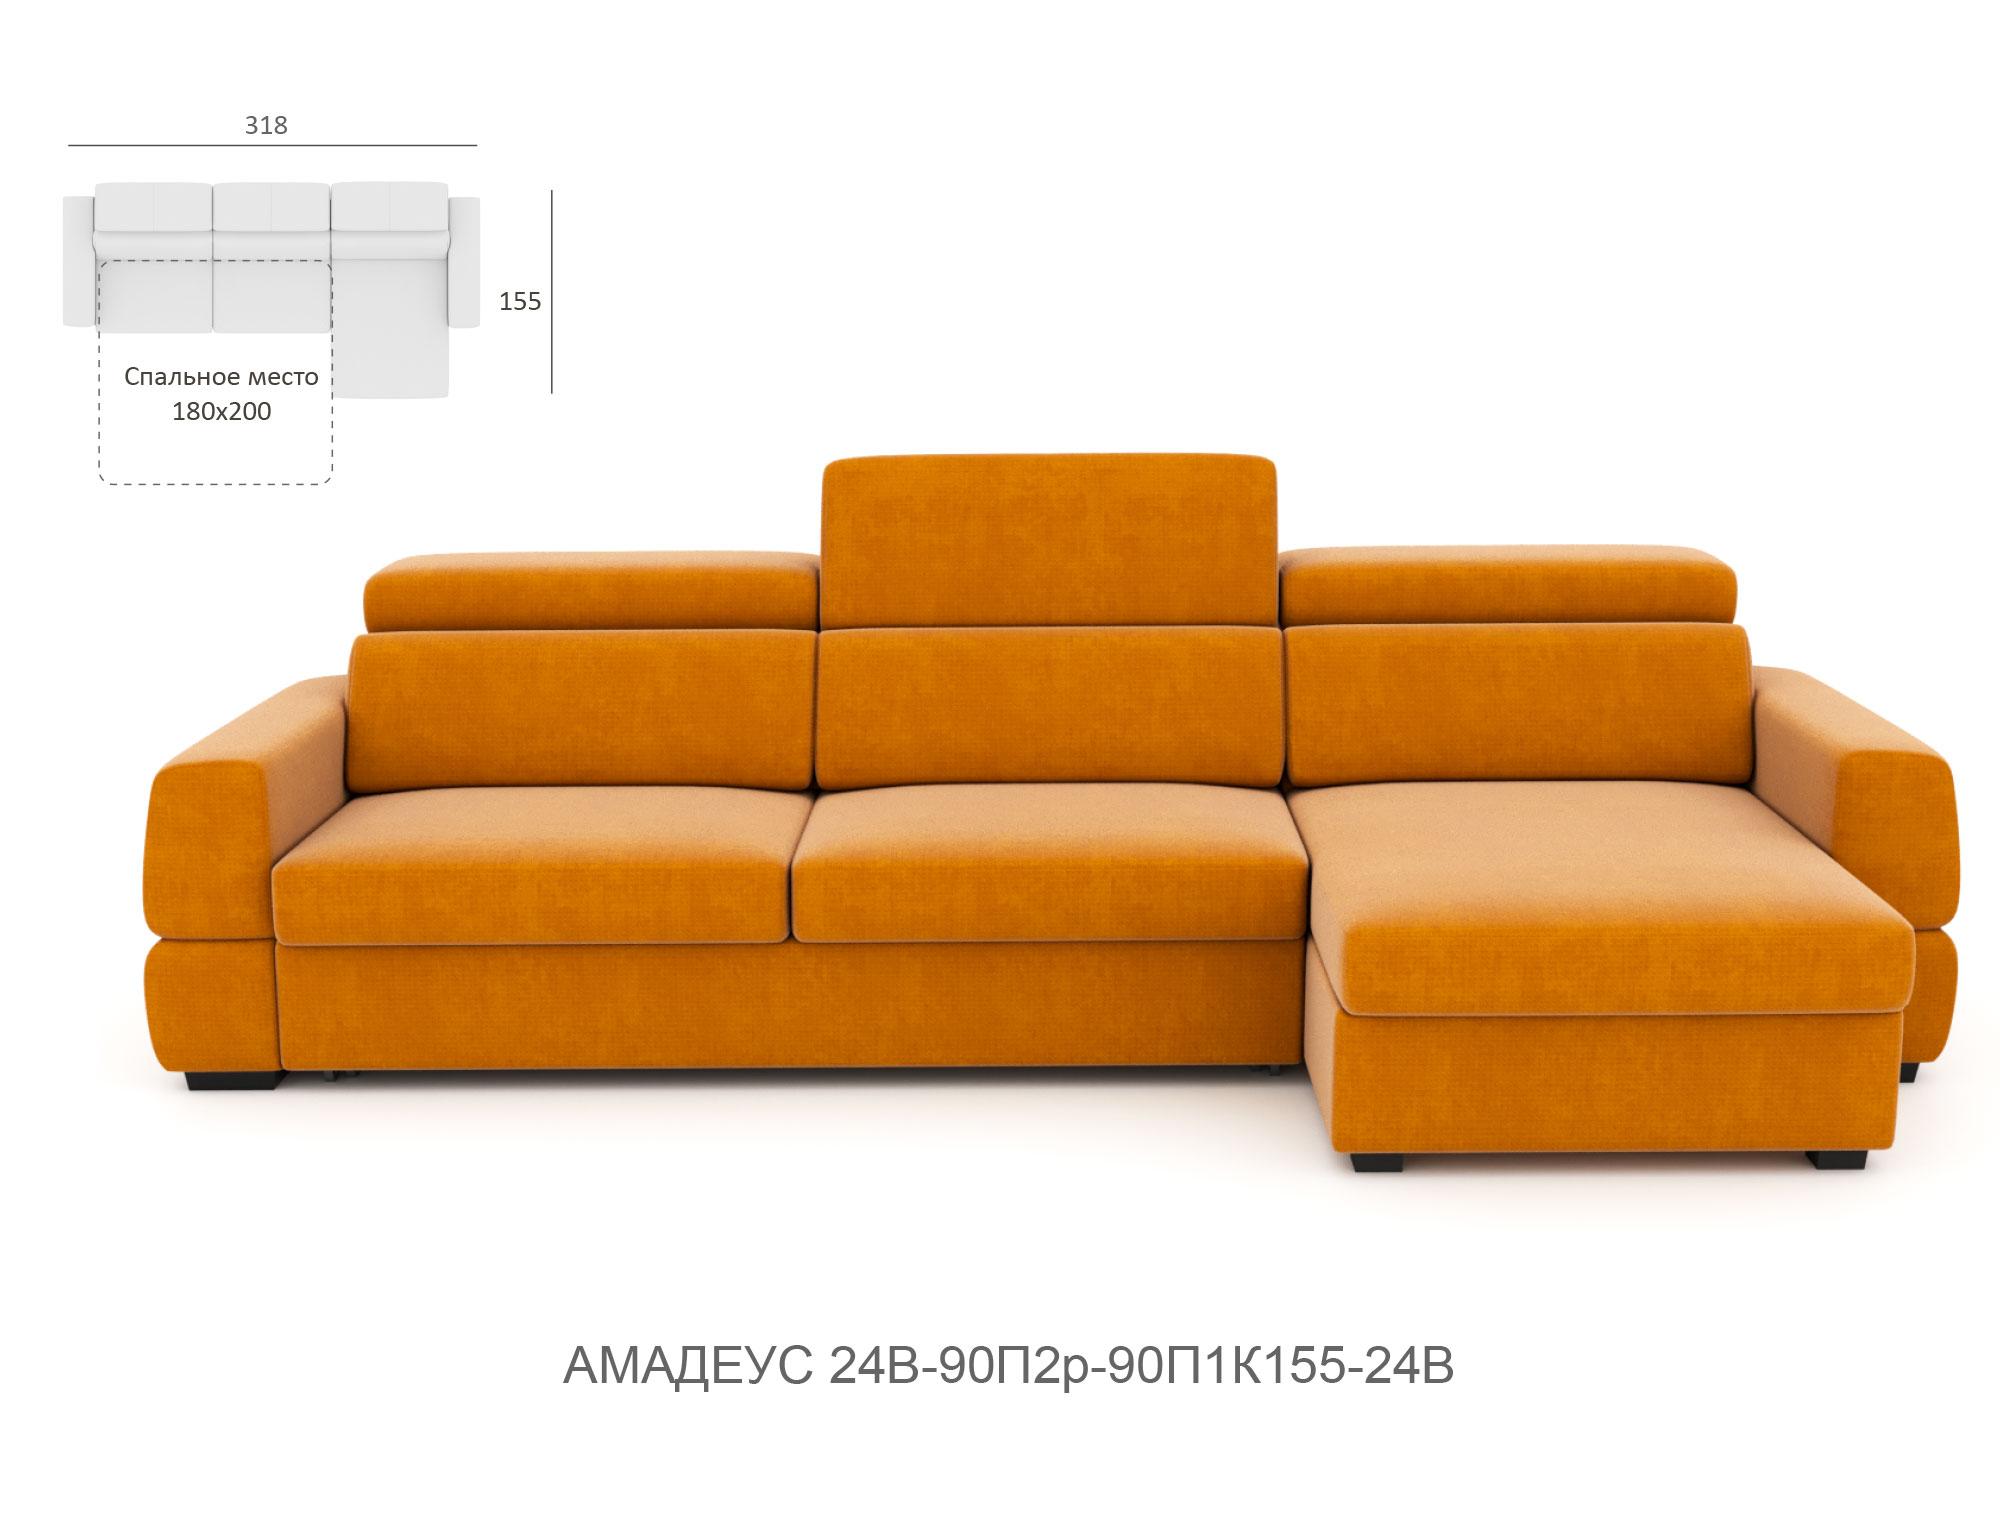 Амадеус 24В-90П2р-90П1К190-25В